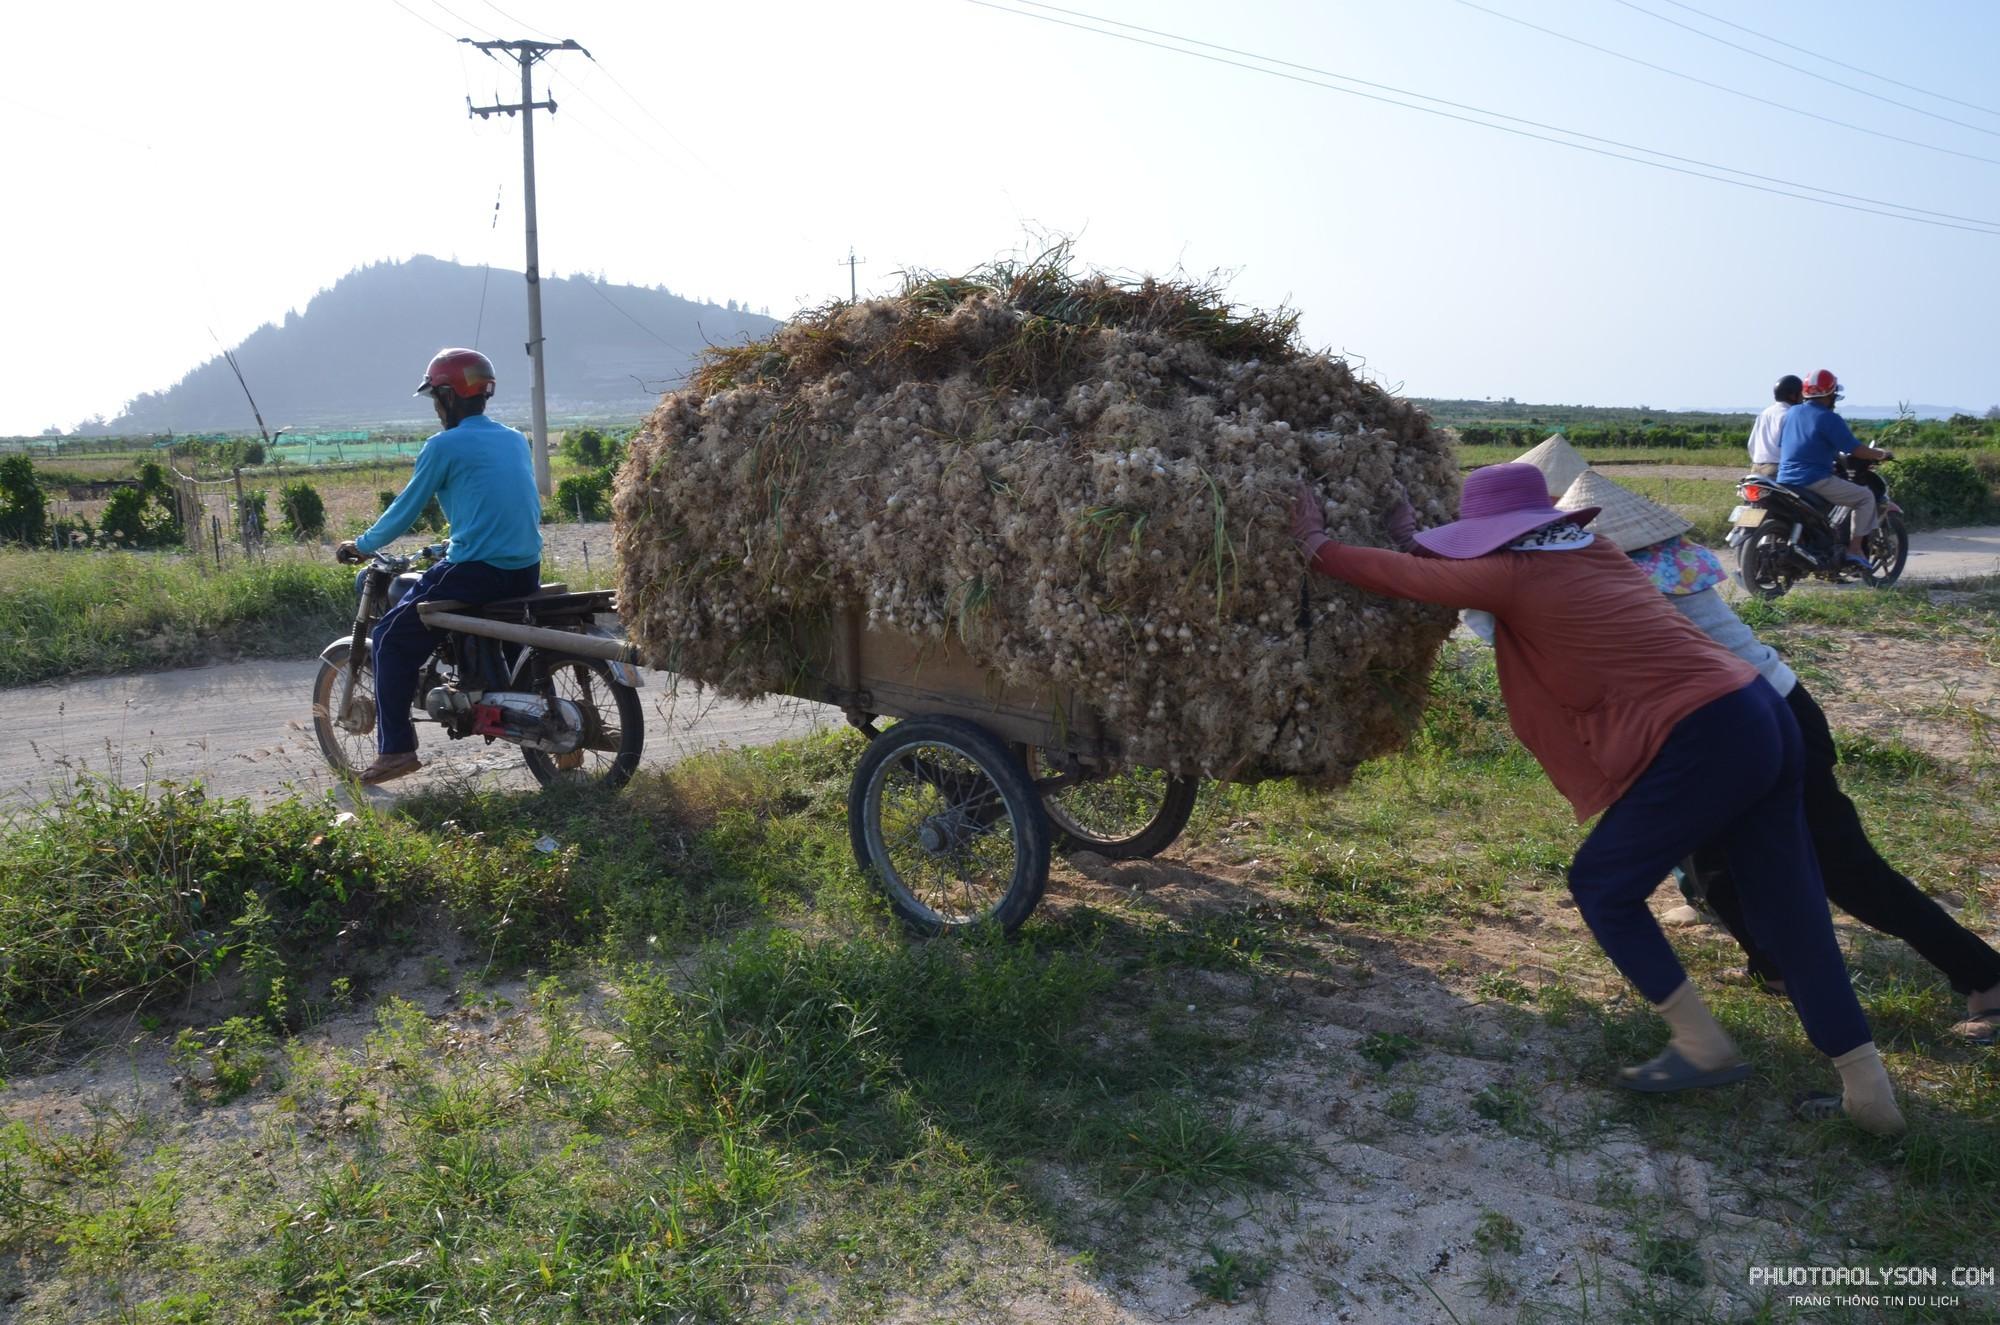 Vụ Đông Xuân 2017 - 2018, đảo Lý Sơn trồng 330 ha tỏi. Nhờ thời tiết thuận lợi nên năng suất tỏi tăng cao hơn so với năm trước. Trung bình mỗi sào tỏi cho thu hoạch 450 - 480 kg tỏi tươi